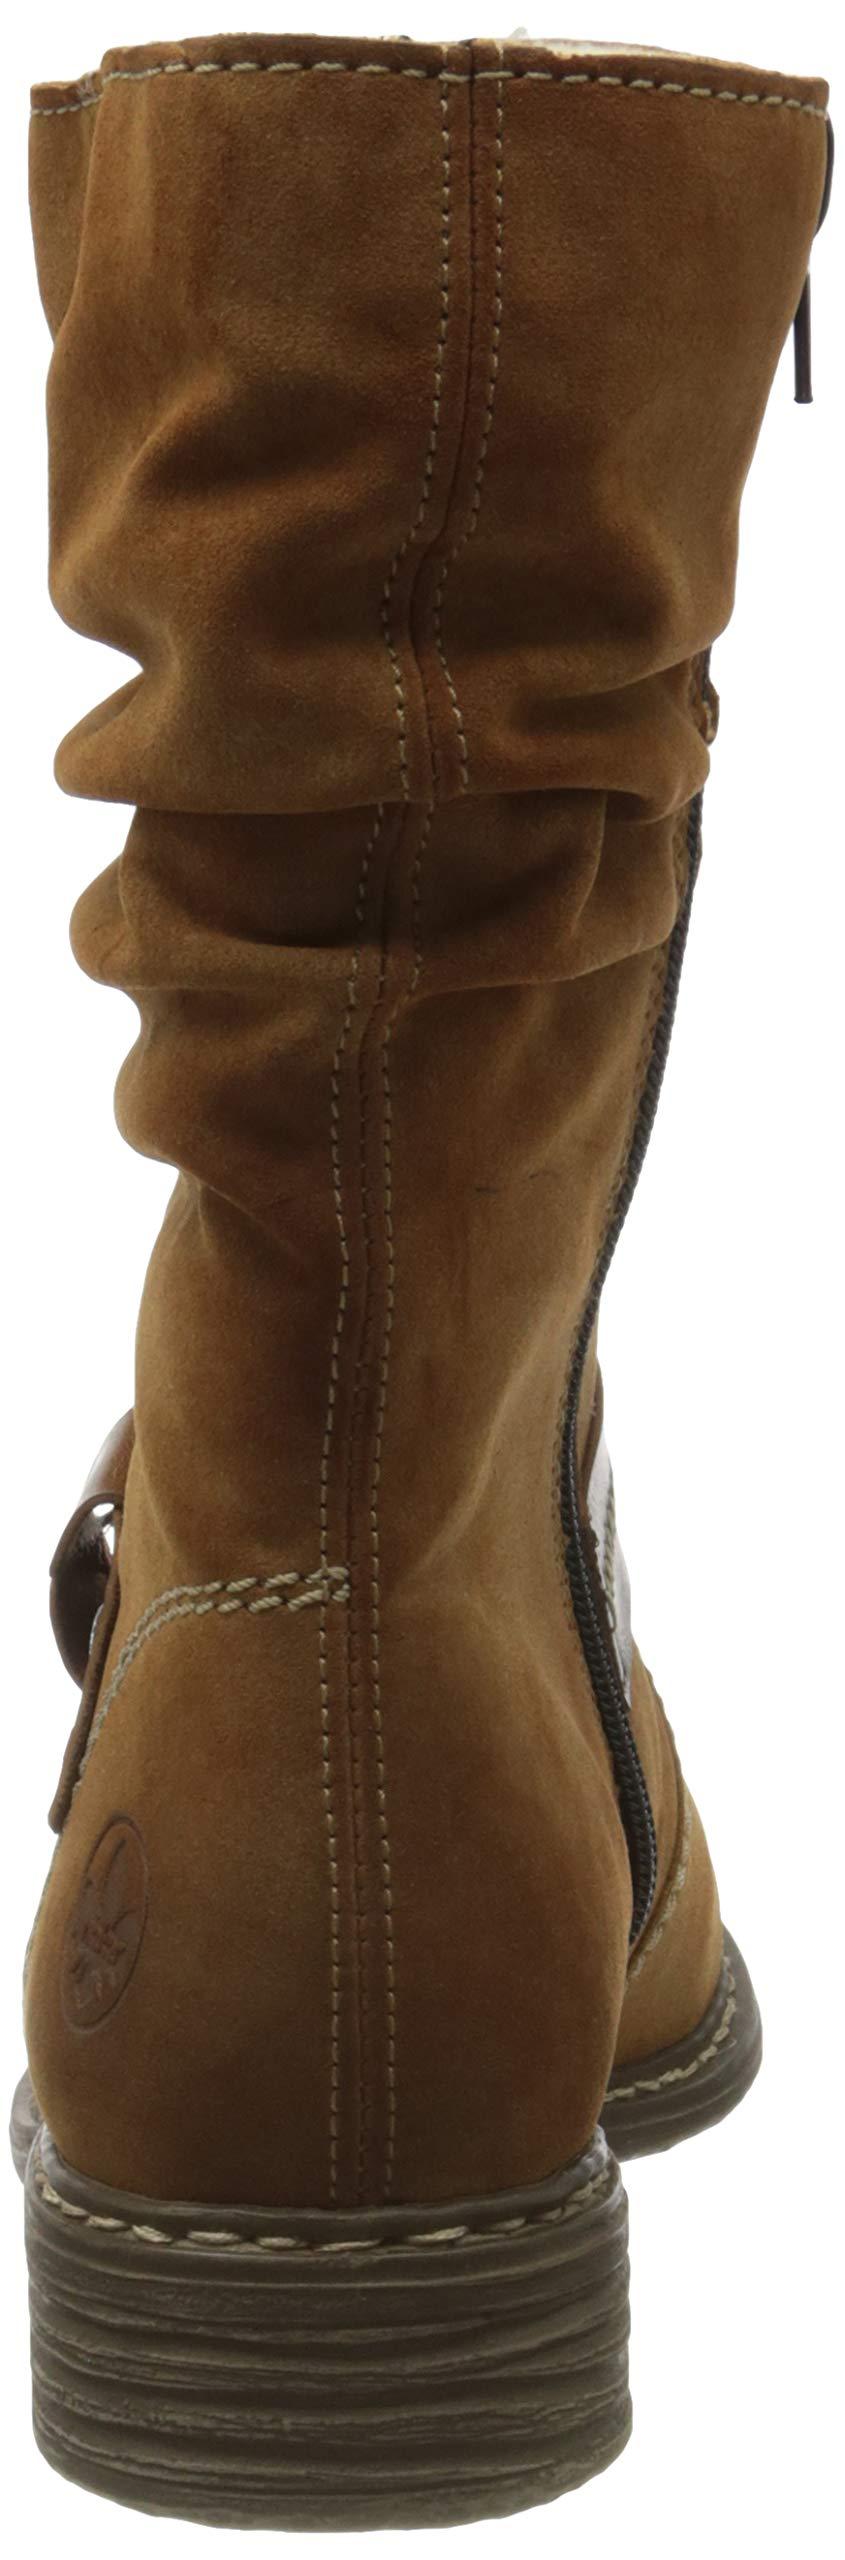 Rieker Women's Herbst/Winter Ankle Boots 50